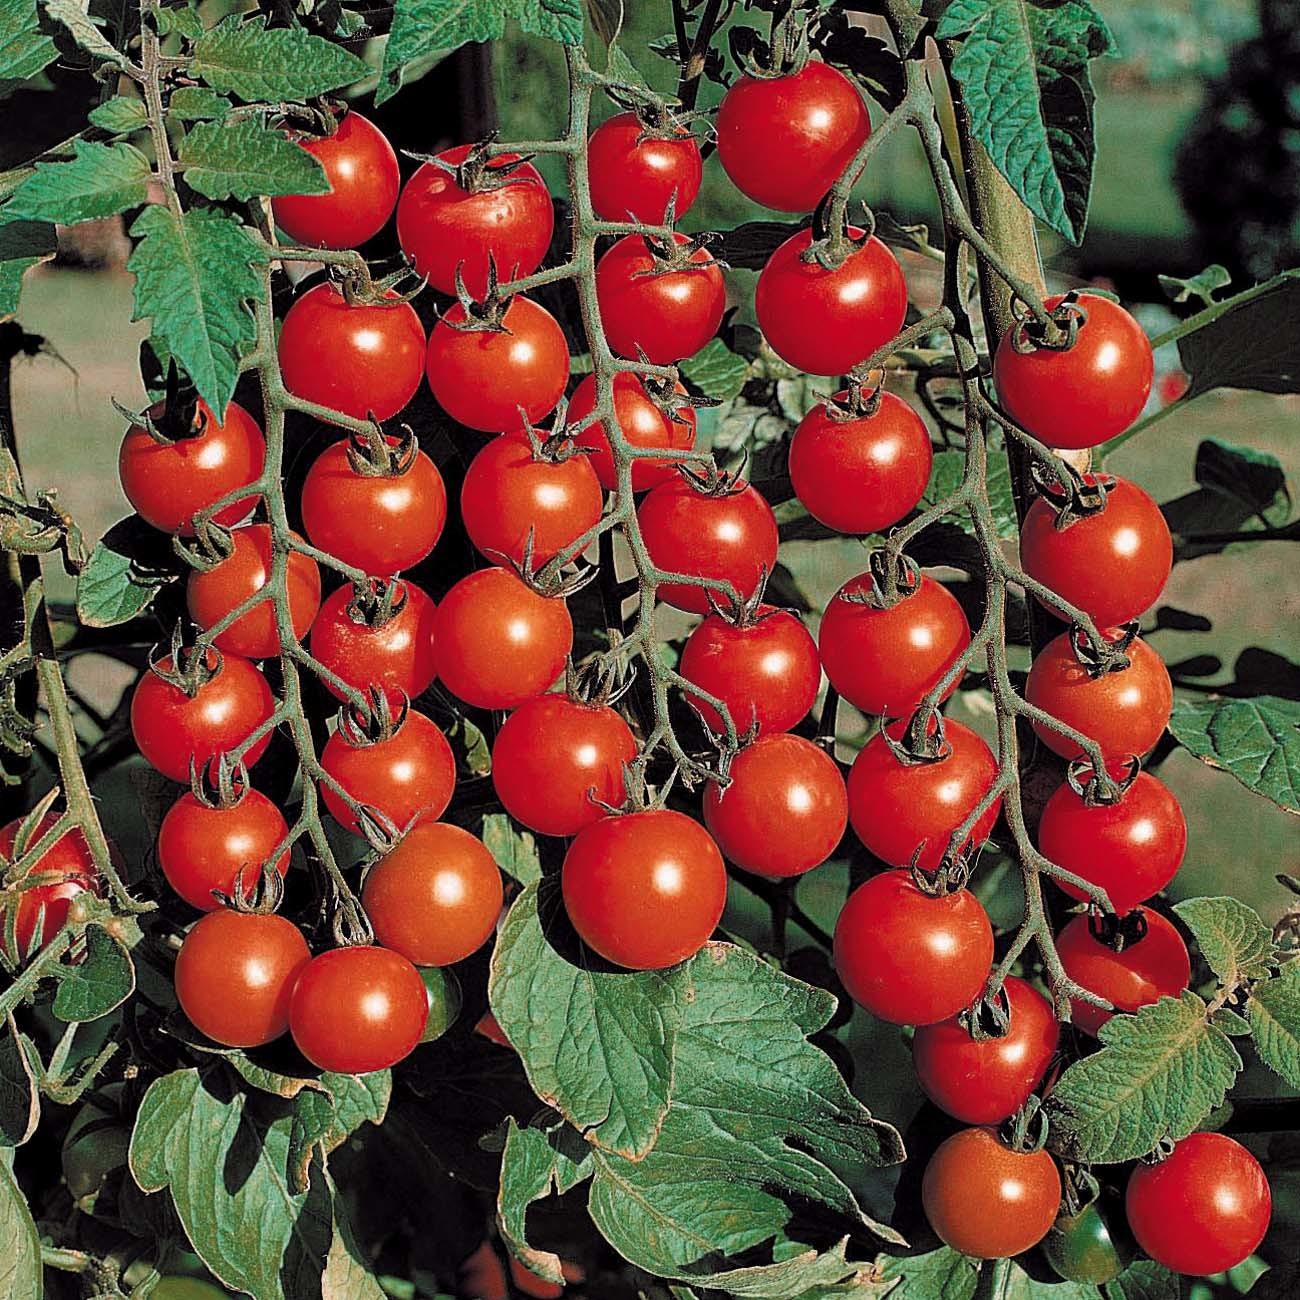 Урожай помидоров-плюс теплой грядки в том, что при разложении органических отходов, выделяется и большое количество тепла в корнях растений